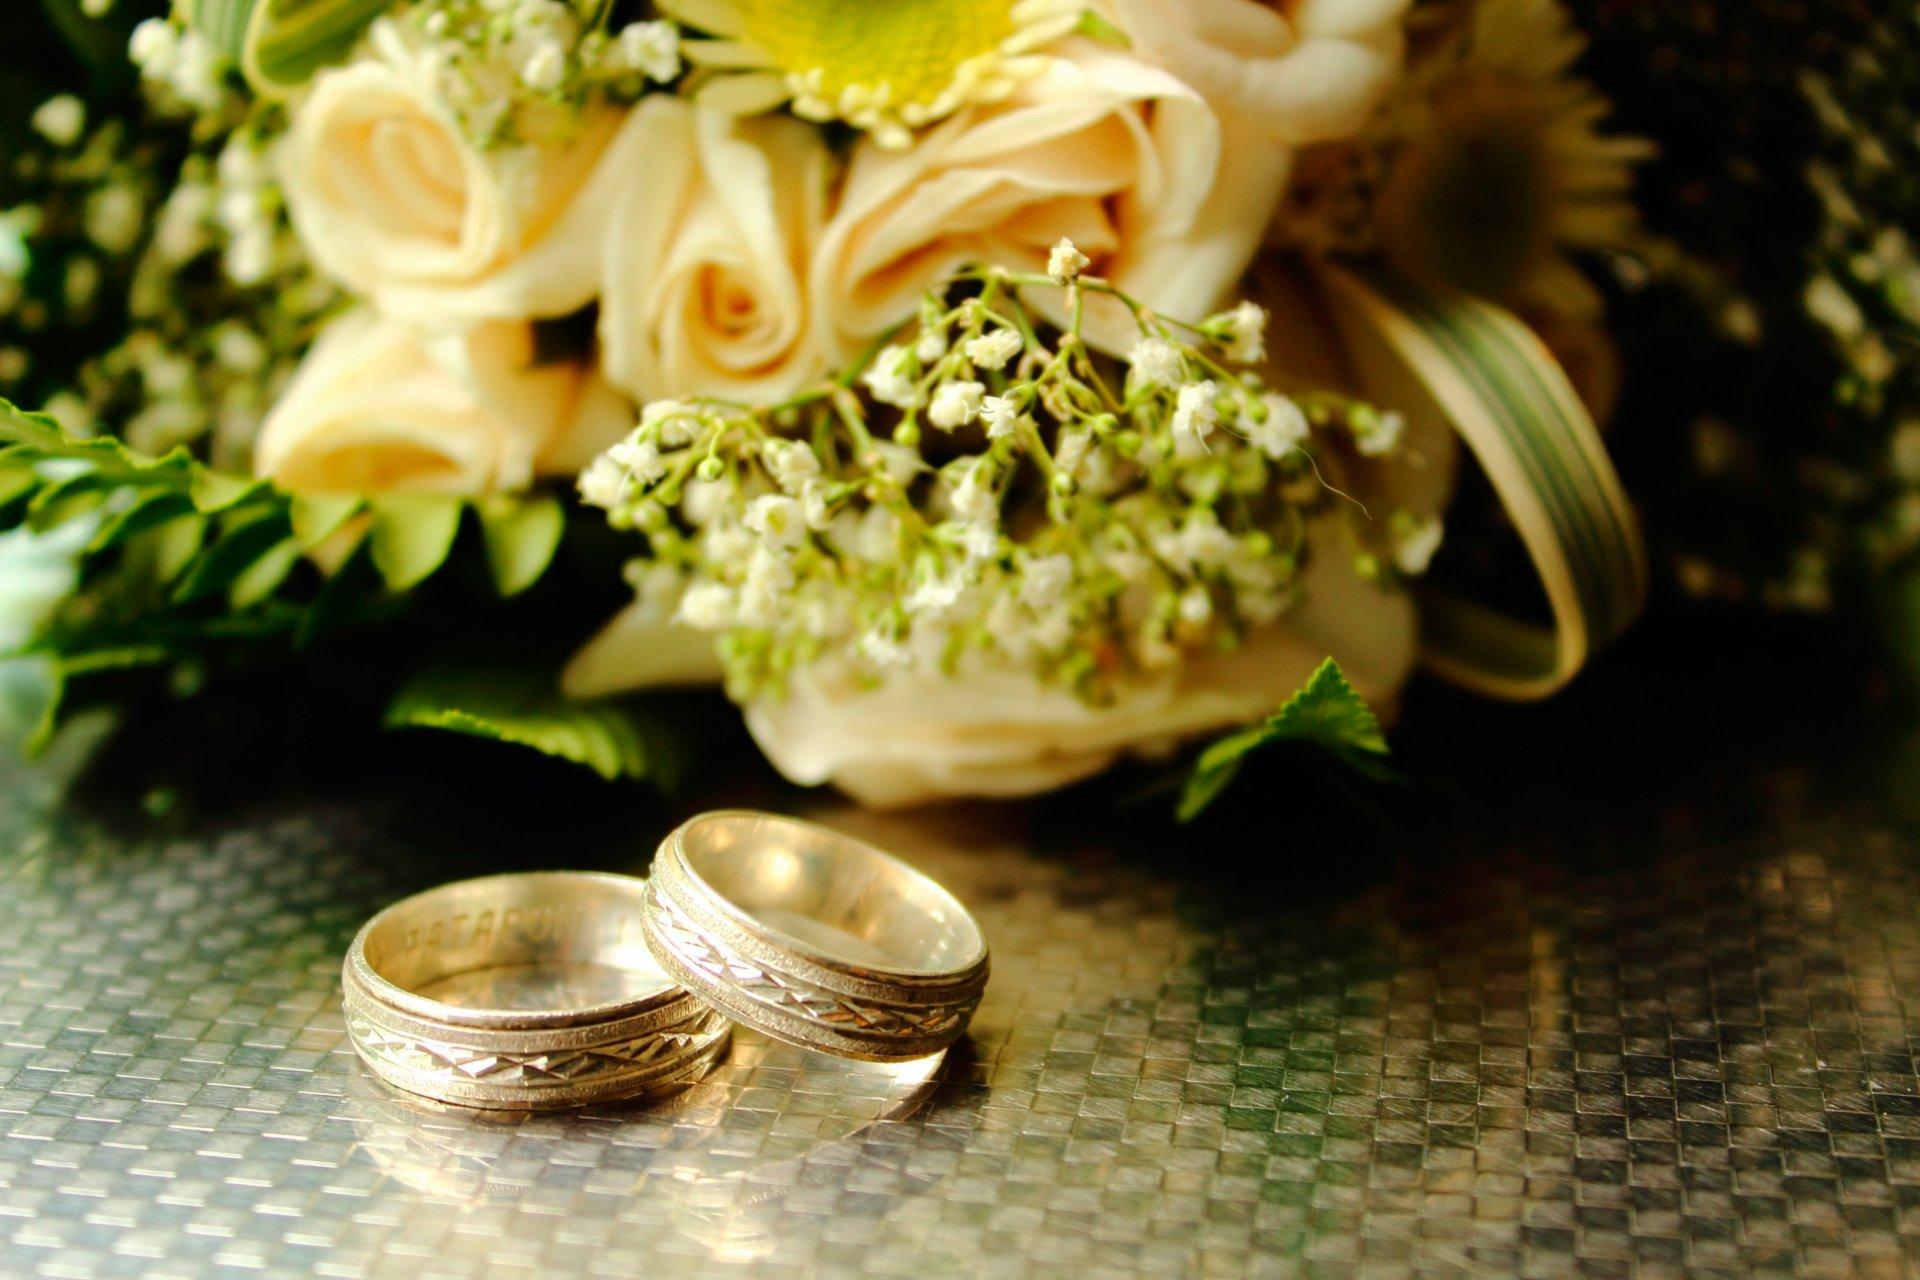 Кольца с цветами : картинки и фото кольца и цветы, скачать изображения 10